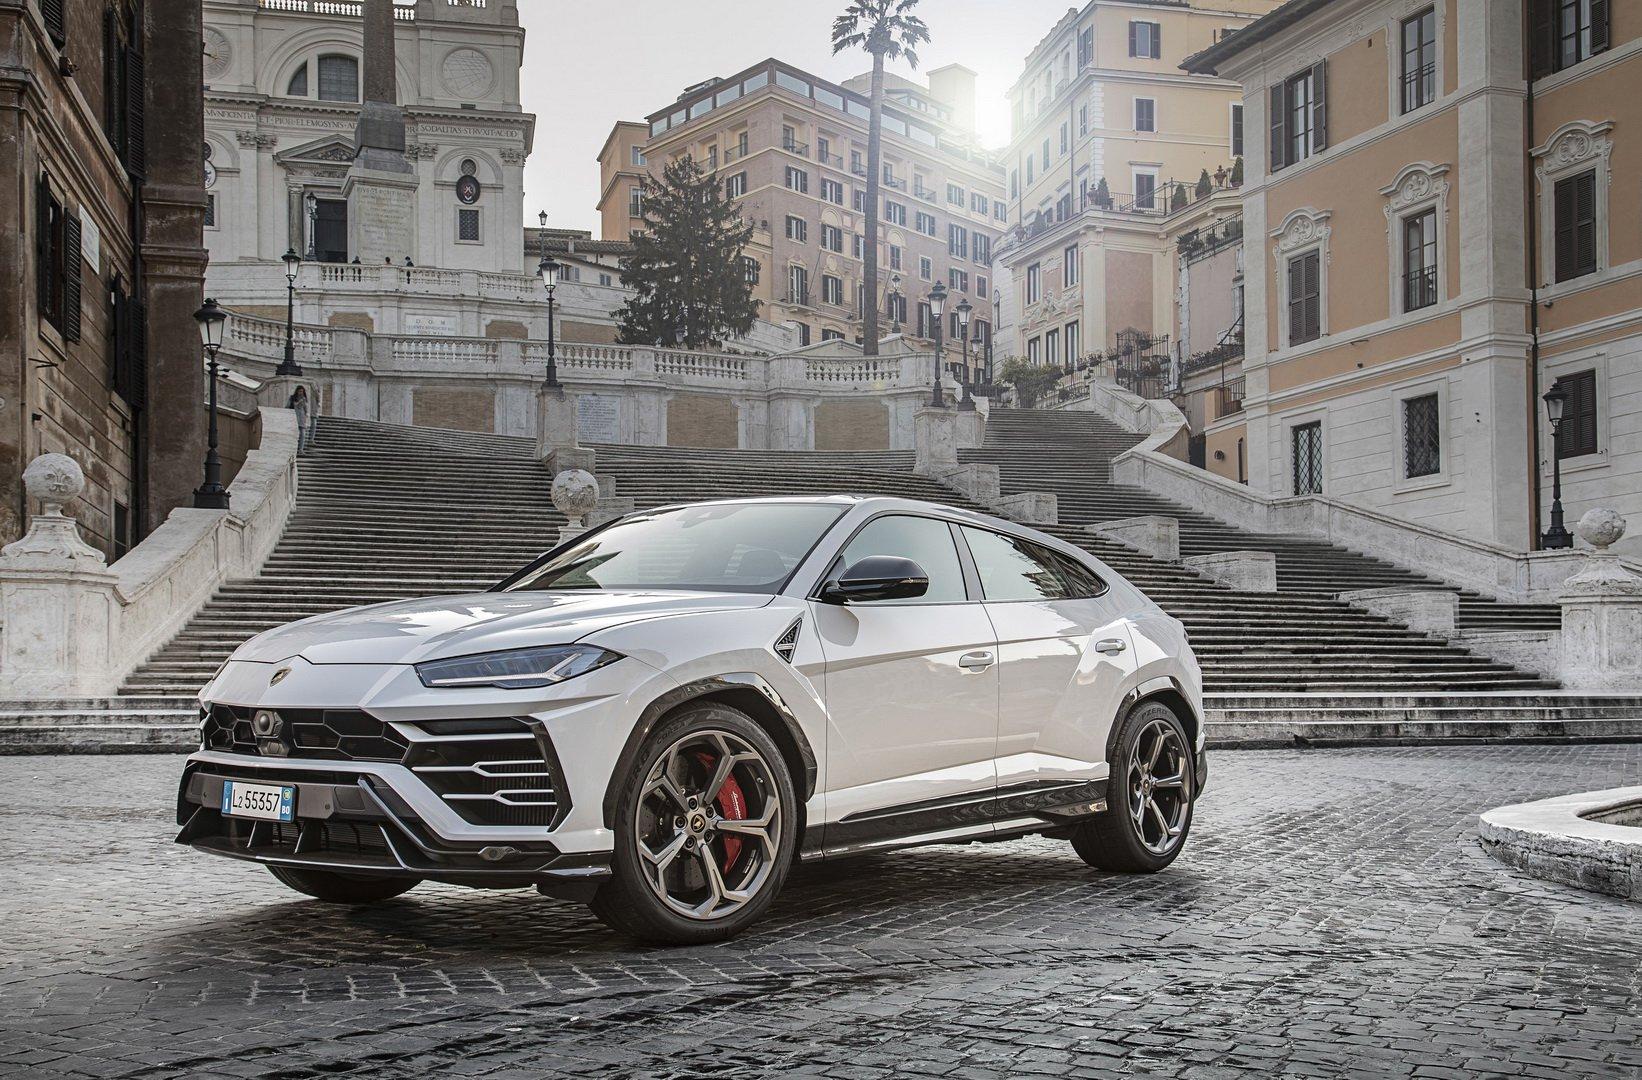 Lamborghini vai limitar produção a 8 mil unidades em 2020